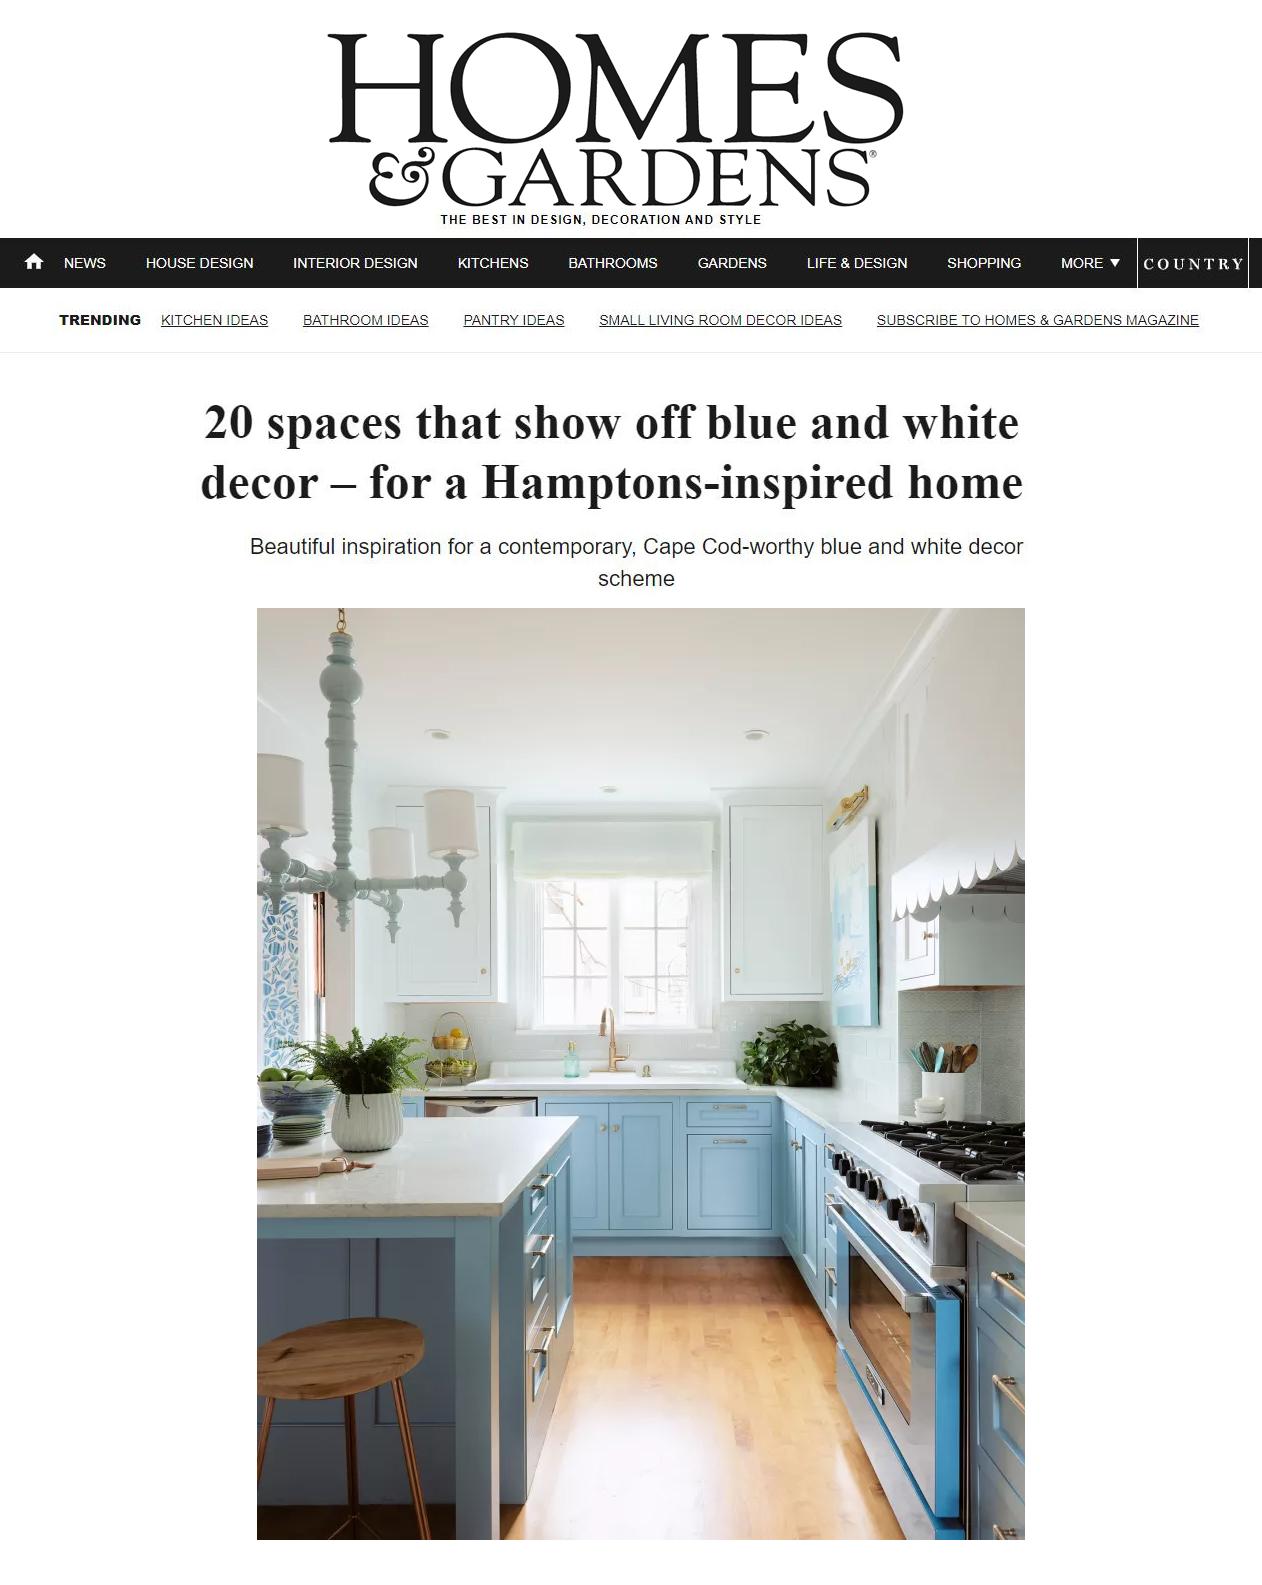 Home & Gardens Online - June 19, 2021